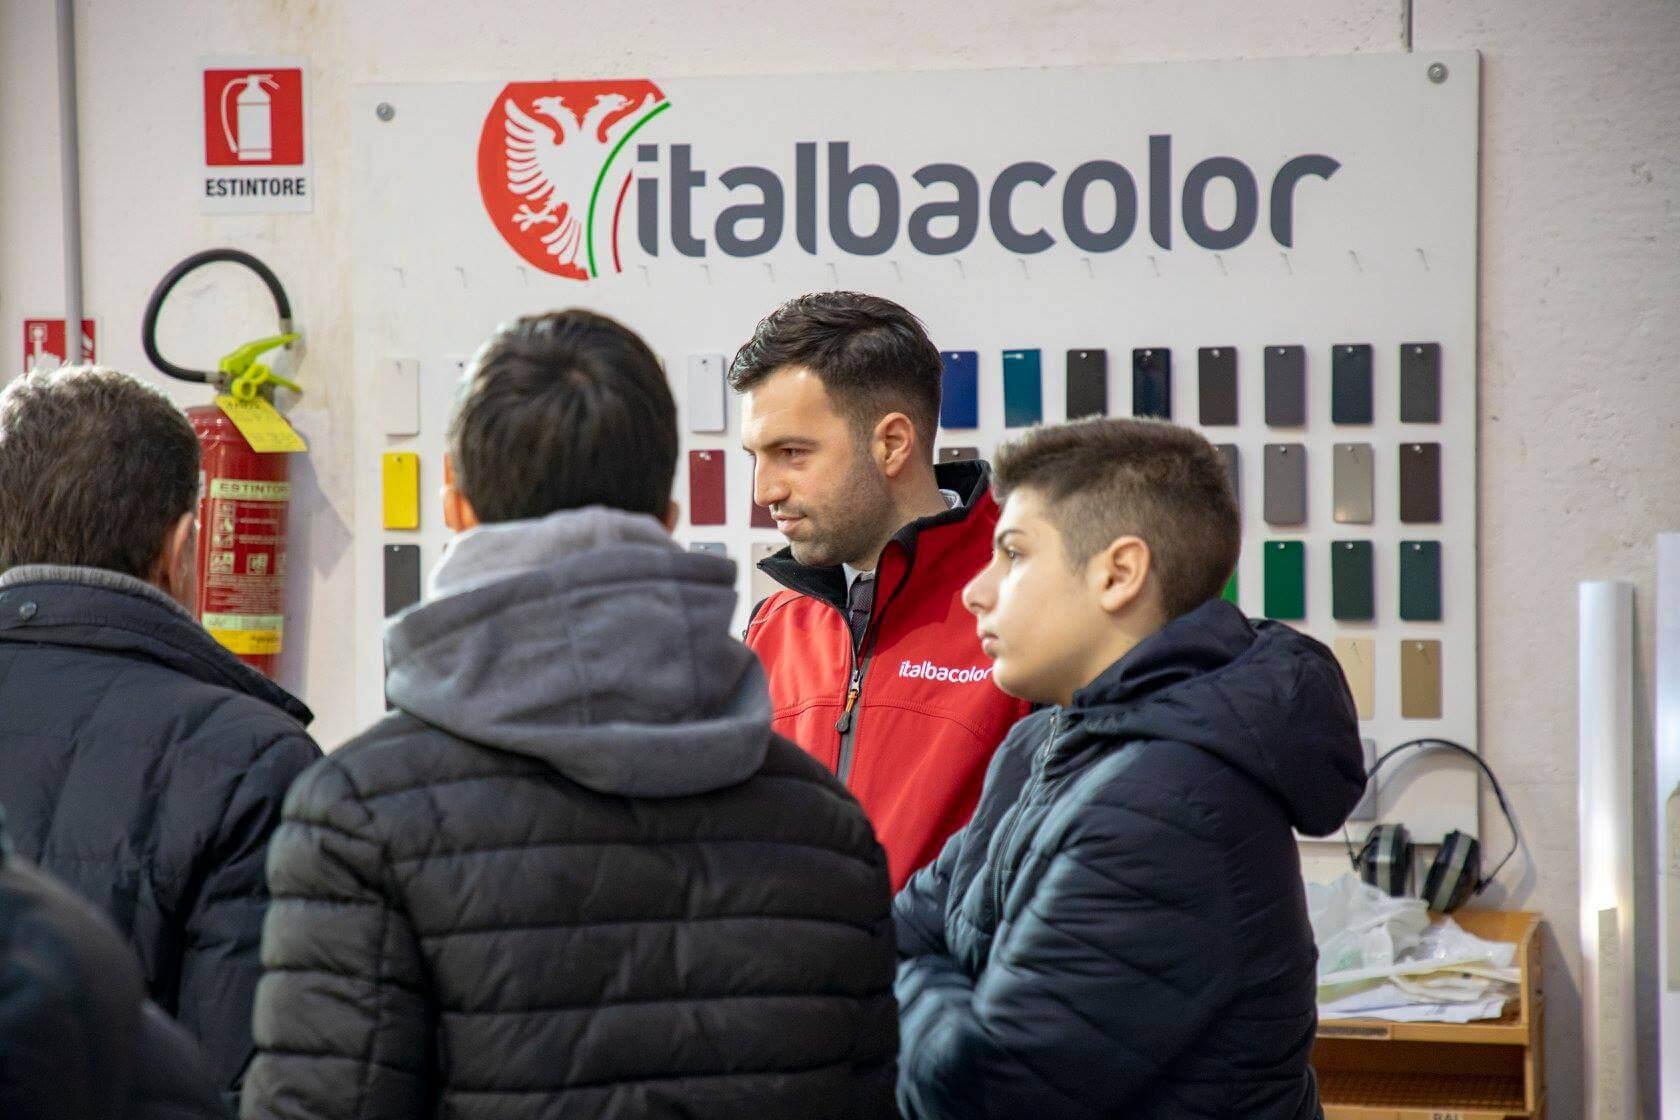 italbacolor experience esperti studenti